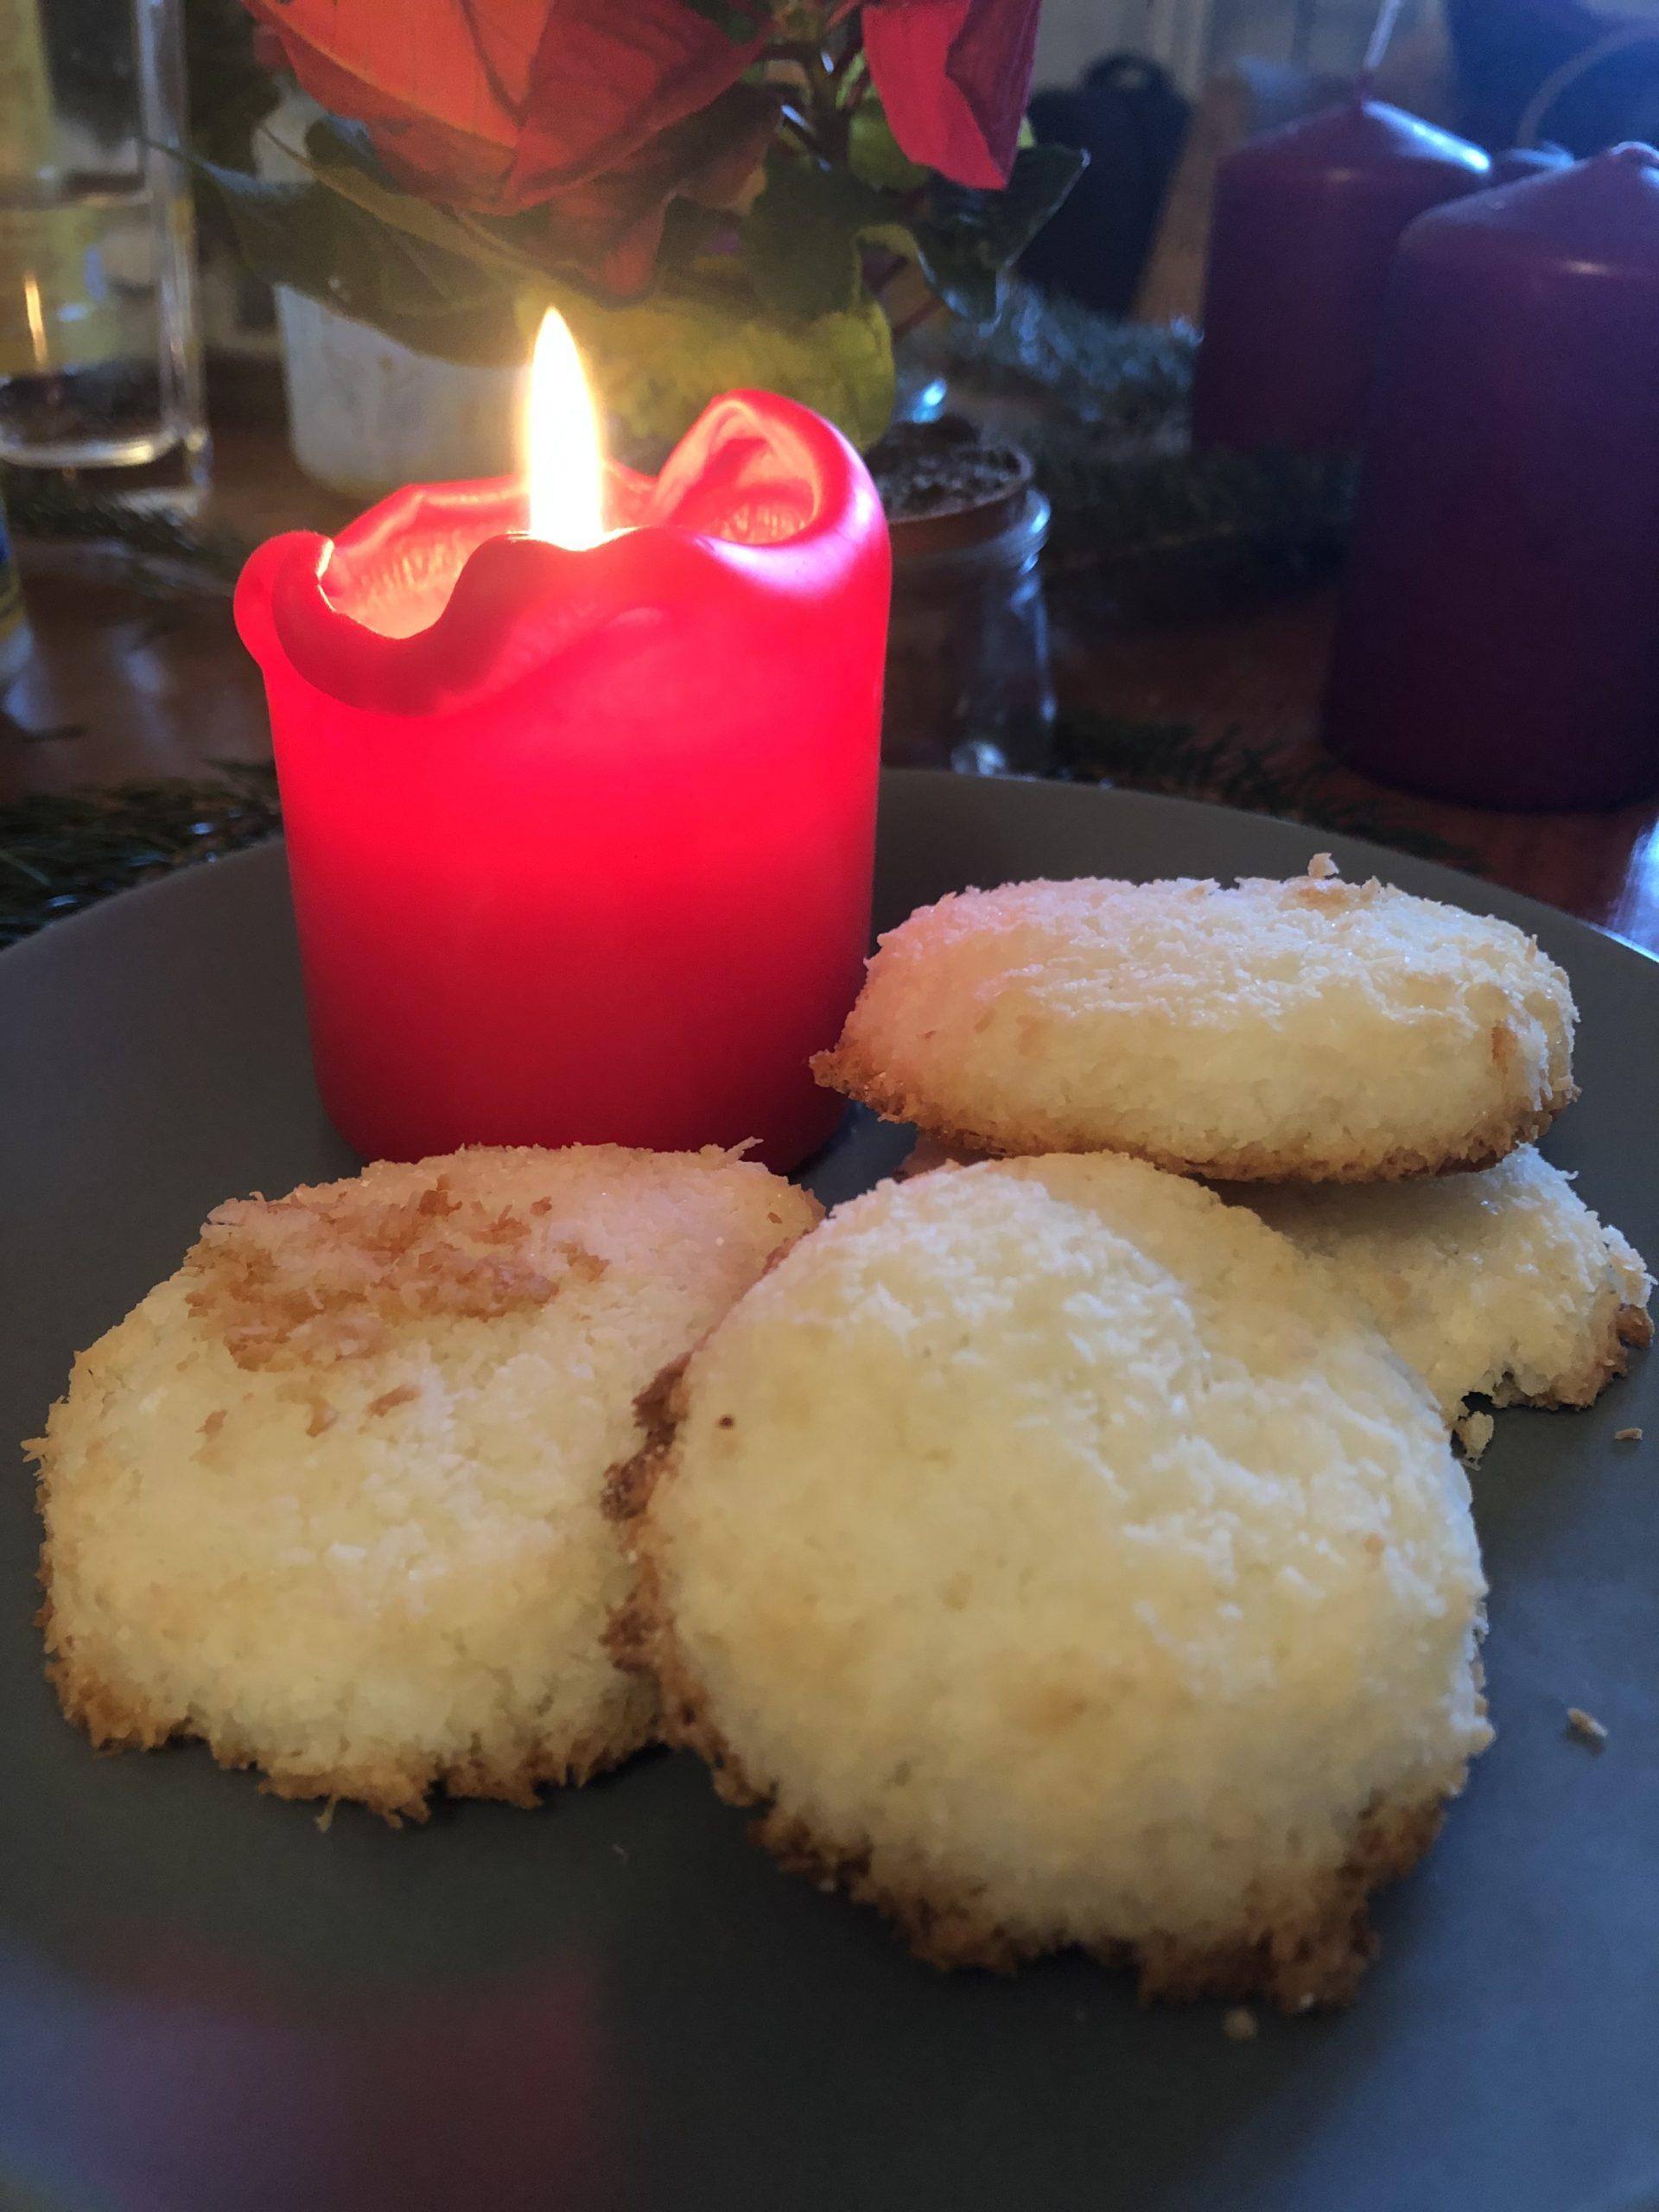 Eine angezündete rote Kerze und 4 weiß braune Kokosmakronen.